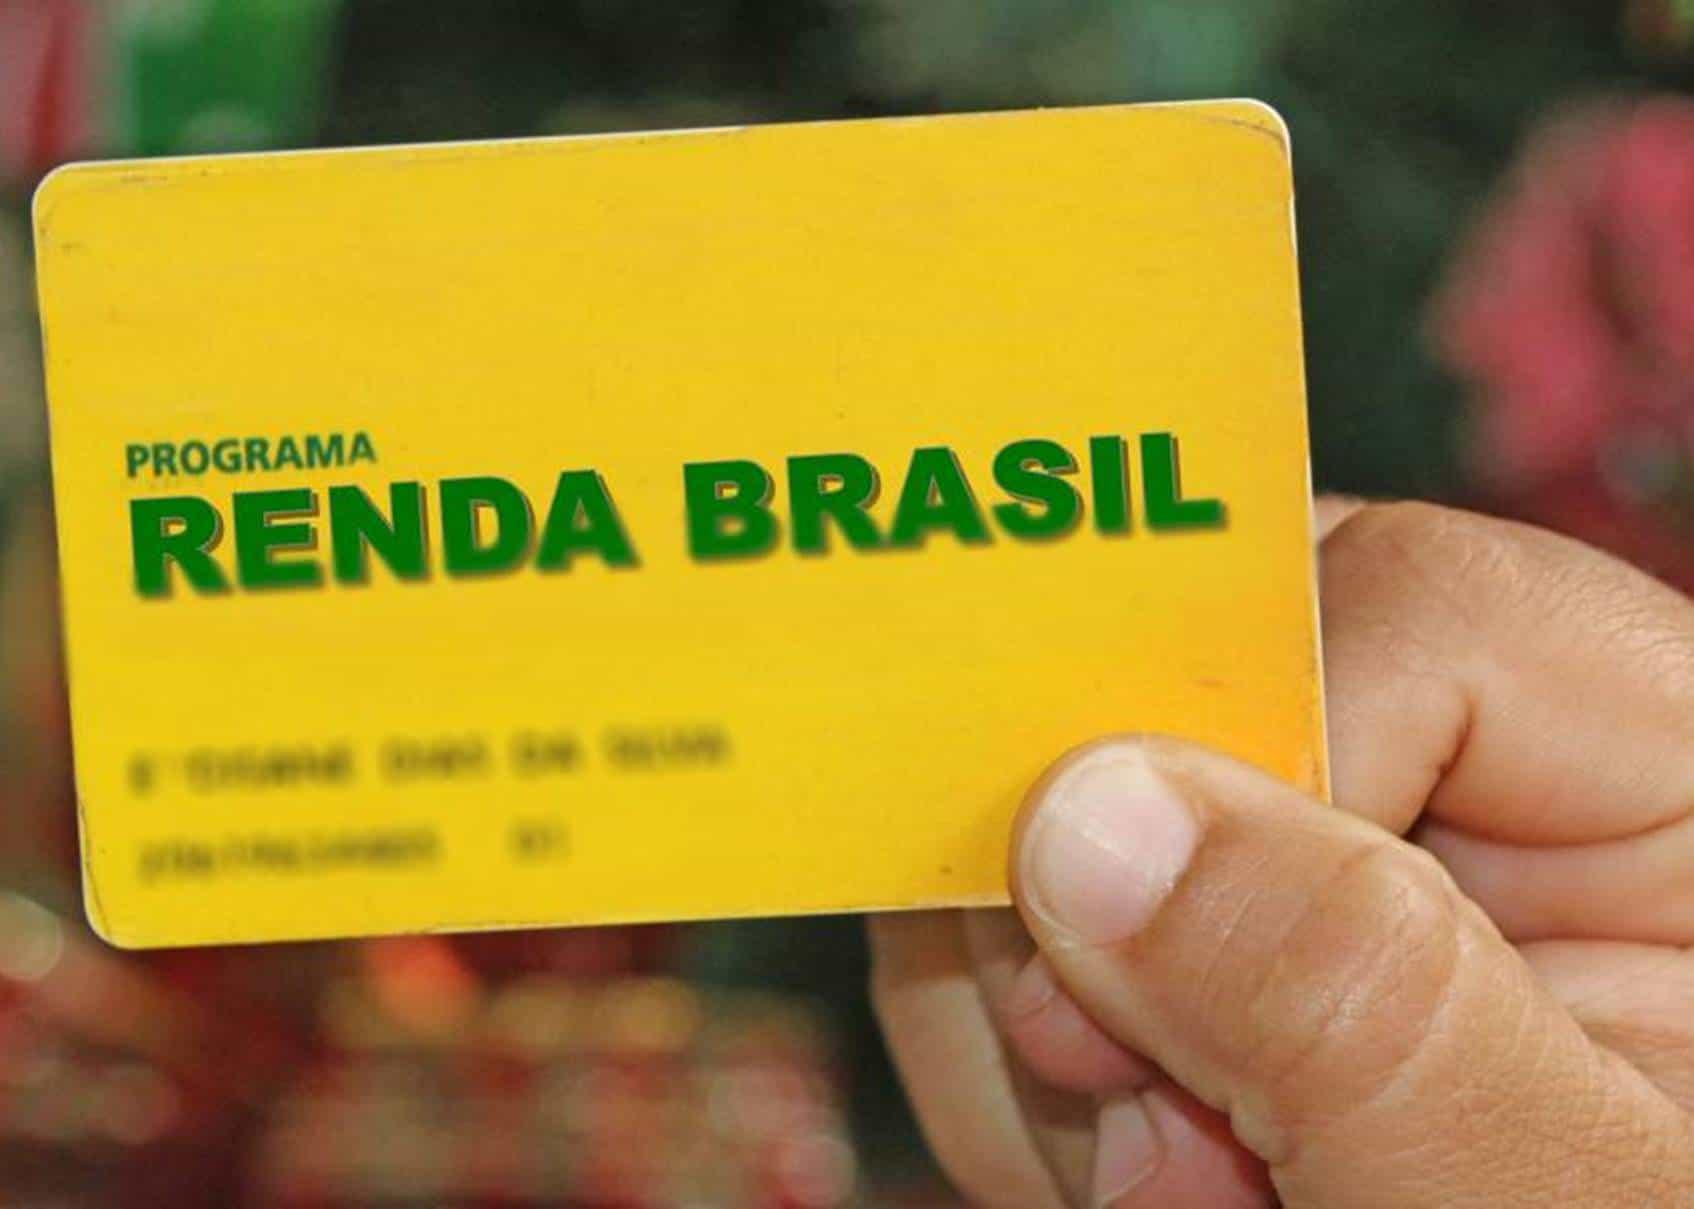 Renda Brasil: forma, regras, valor e o Bolsa Família